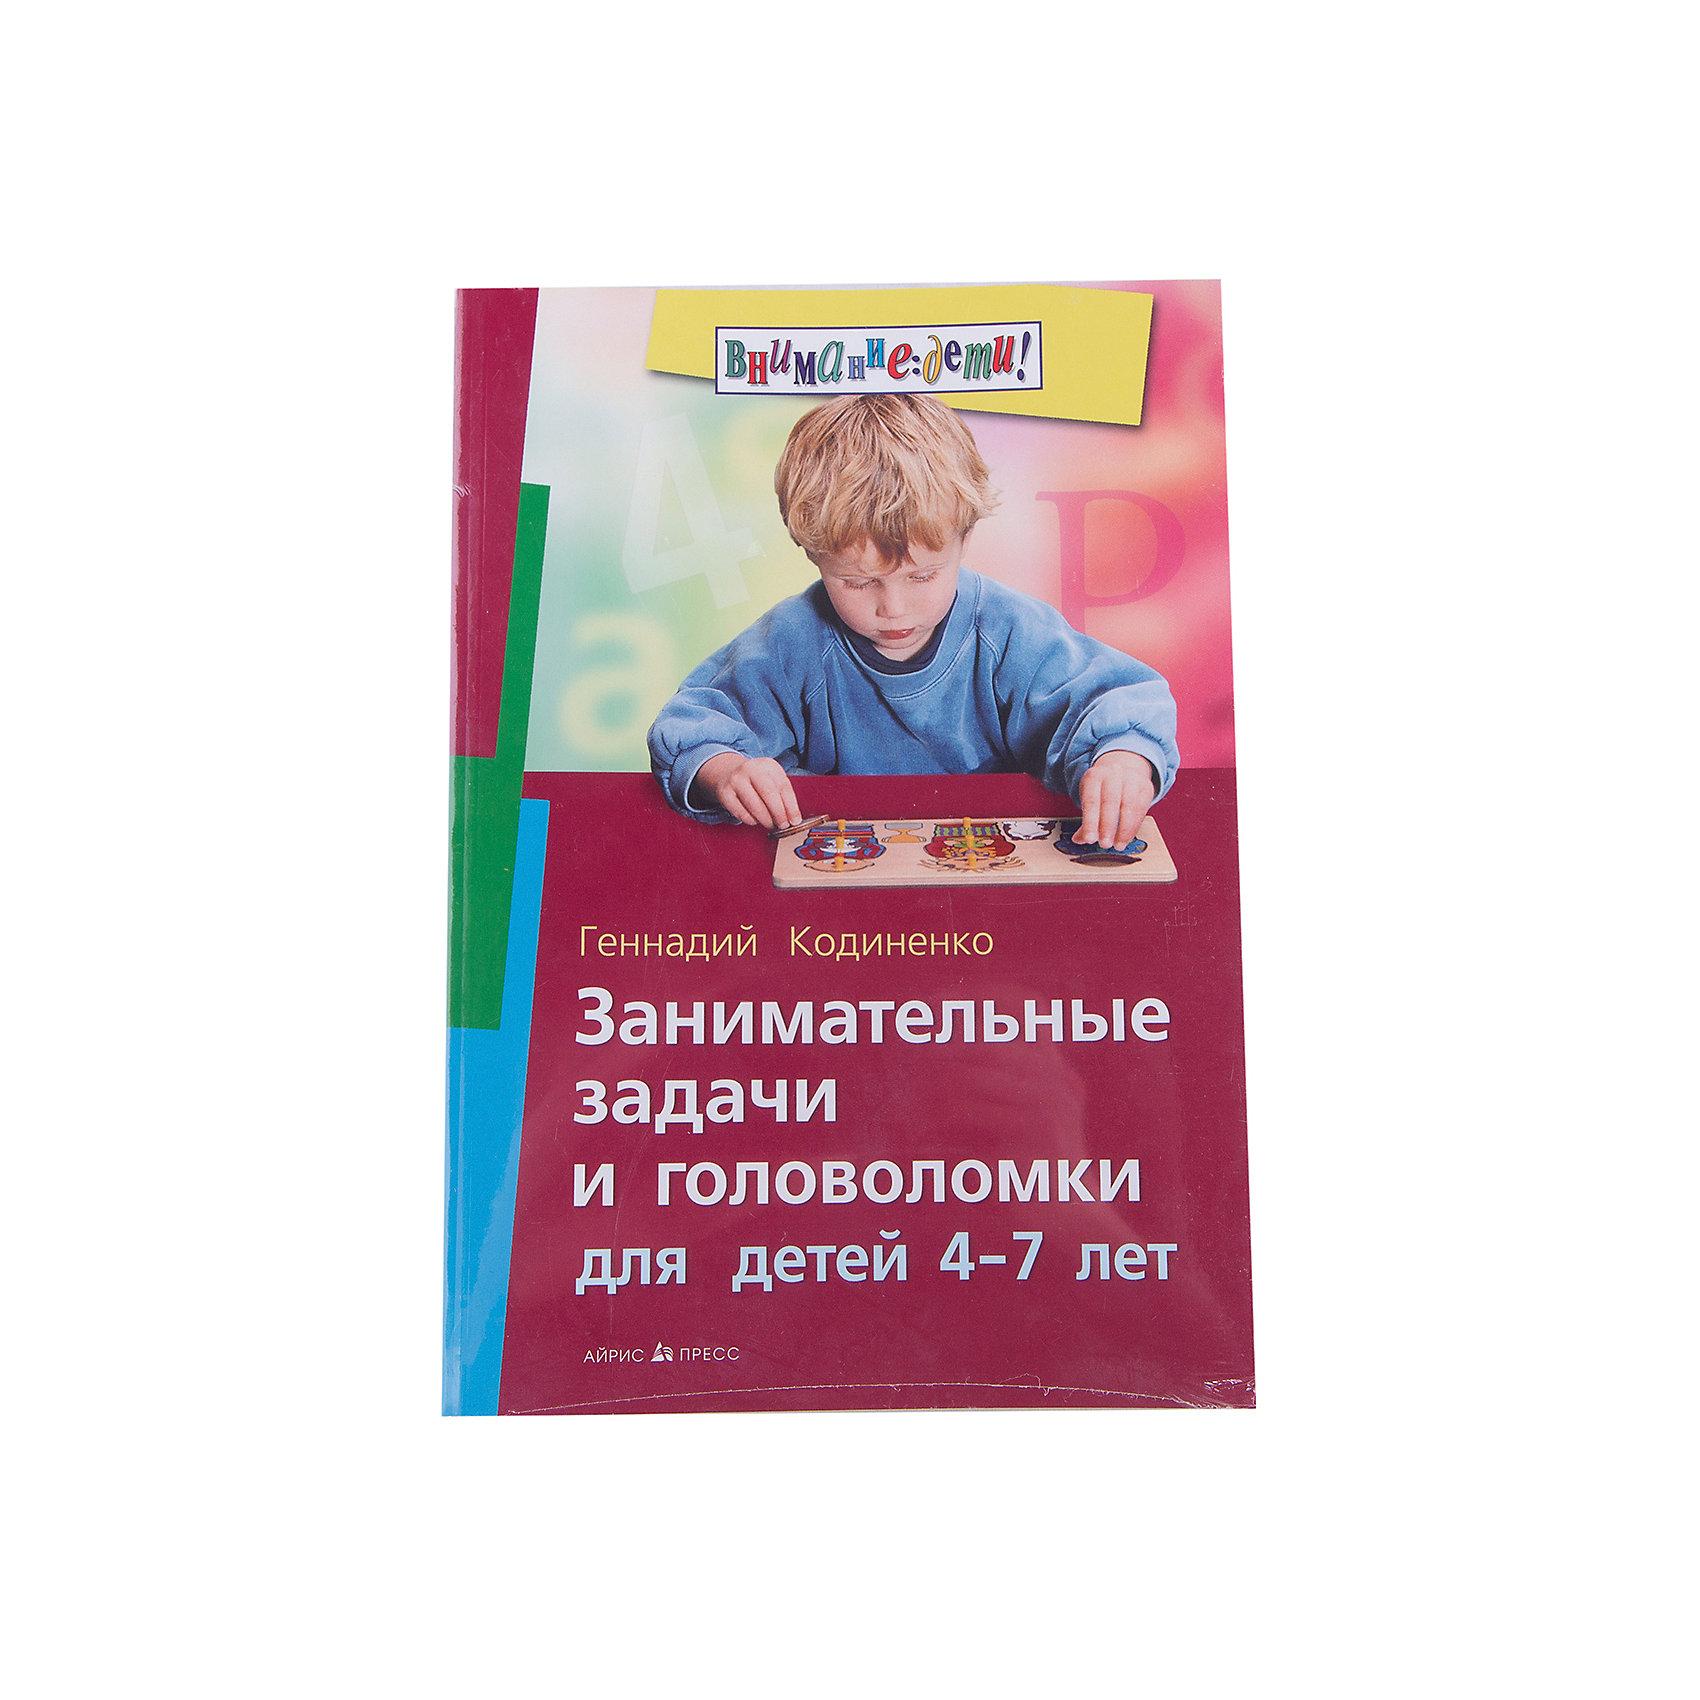 Занимательные задачи и головоломки для детей 4-7 лет, Кодиненко Г.Ф.Тесты и задания<br>В книге собраны разнообразные занимательные задания для детей: головоломки, кроссворды, загадки, метаграммы, логогрифы. Веселые герои предлагают разобраться в перепутанных линиях, найти отличия на картинках, дорисовать симметричную фигуру, исправить ошибки художника, найти одинаковые рисунки. С помощью увлекательной игры ребенок будет тренировать внимание, сообразительность, умение логически мыслить.&#13;<br>Издание адресовано родителям, работникам дошкольных учреждений для занятия с детьми 4-7 лет.<br><br>Ширина мм: 10<br>Глубина мм: 165<br>Высота мм: 235<br>Вес г: 159<br>Возраст от месяцев: 48<br>Возраст до месяцев: 84<br>Пол: Унисекс<br>Возраст: Детский<br>SKU: 6849663